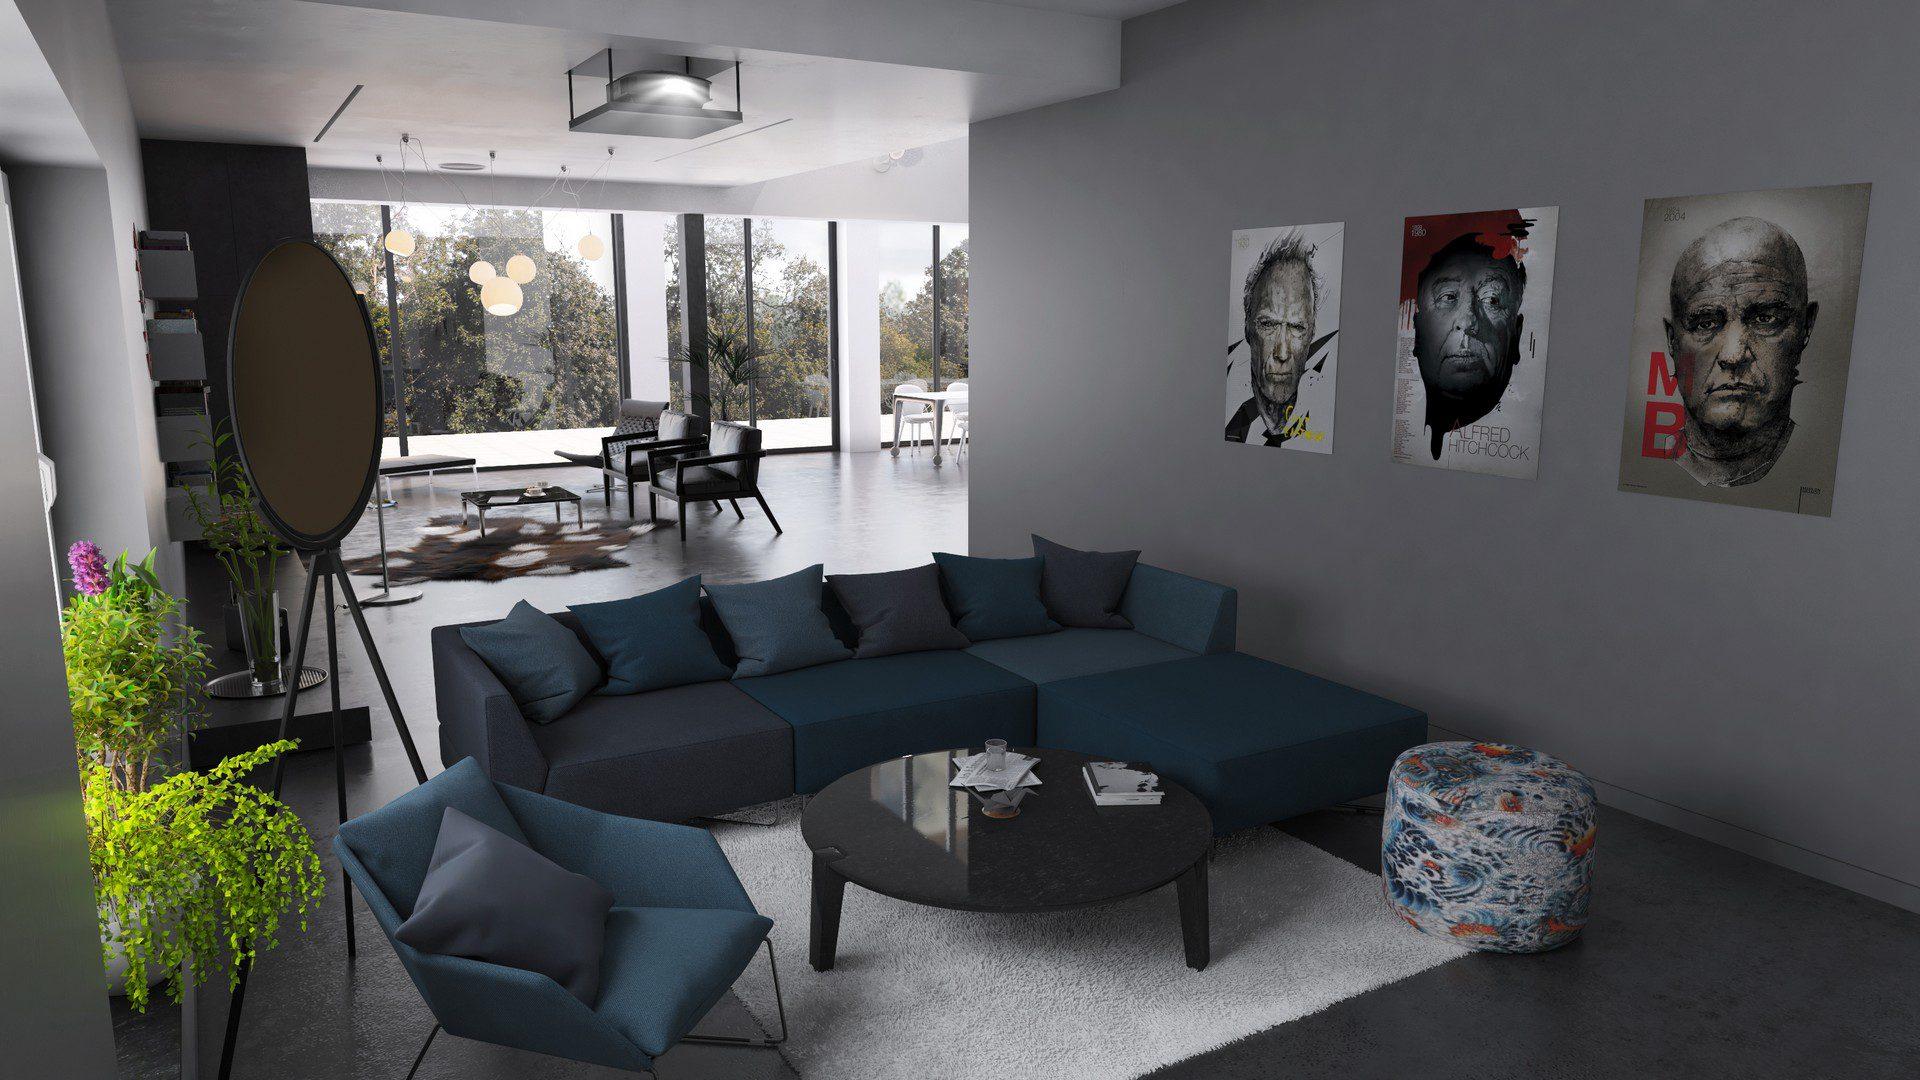 pokój dzienny w domu jednorodzinnym wizualizacja fotorealistyczna